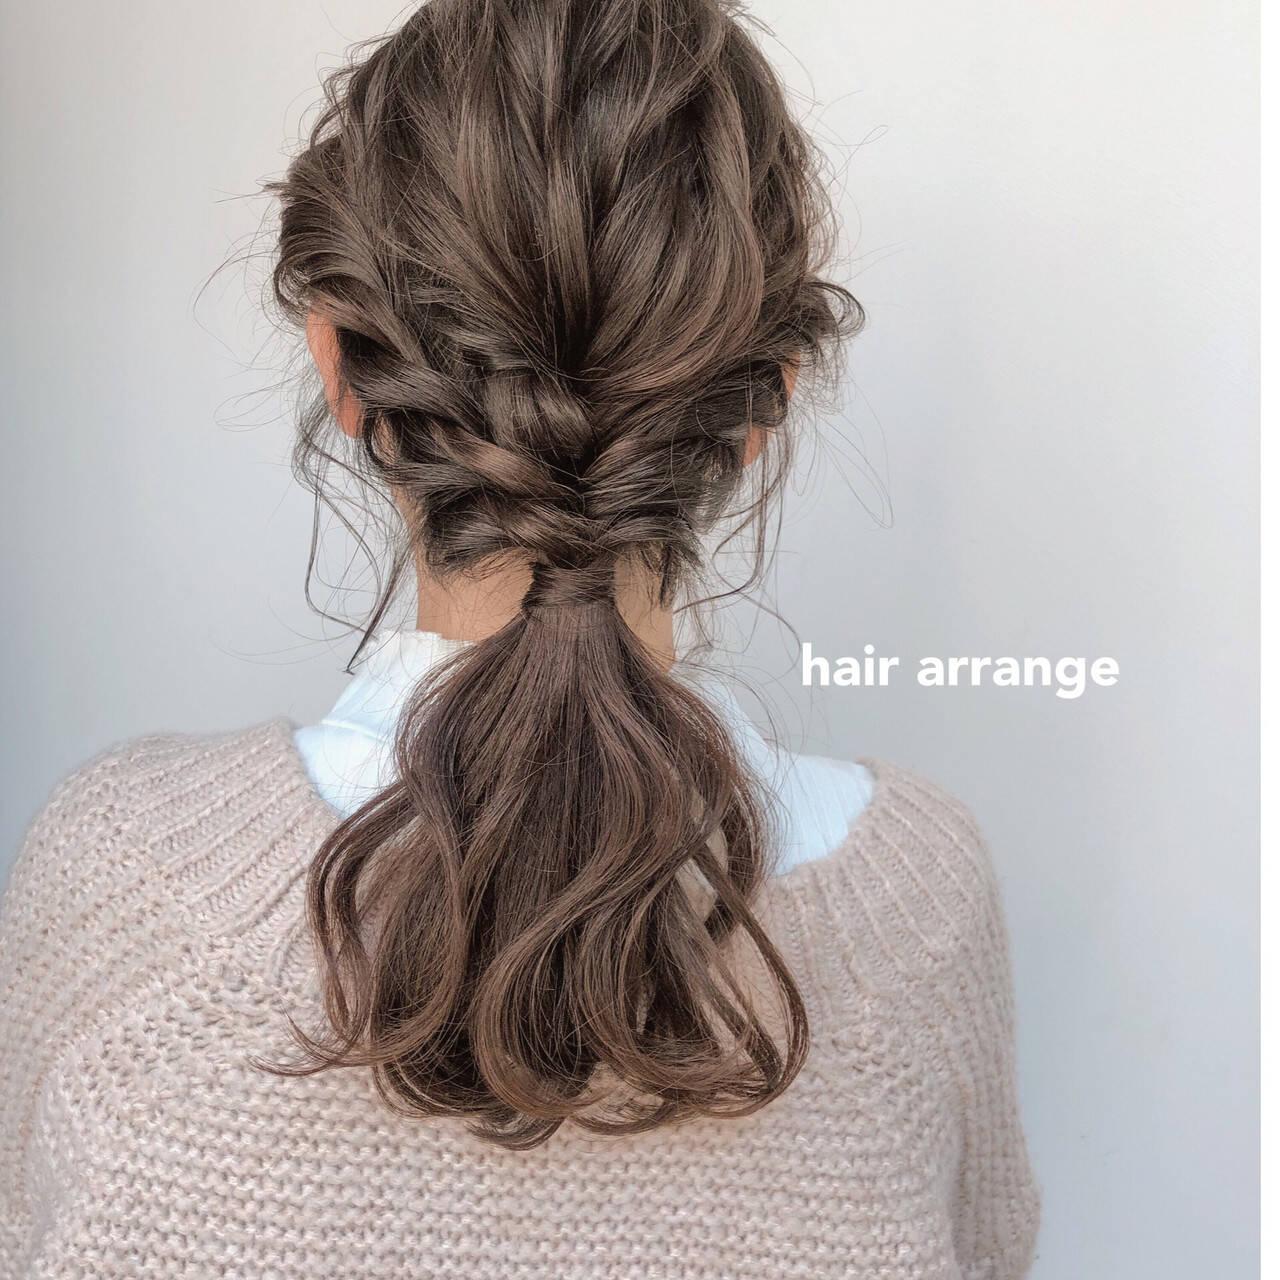 ヘアアレンジ セミロング ベージュ アンニュイほつれヘアヘアスタイルや髪型の写真・画像